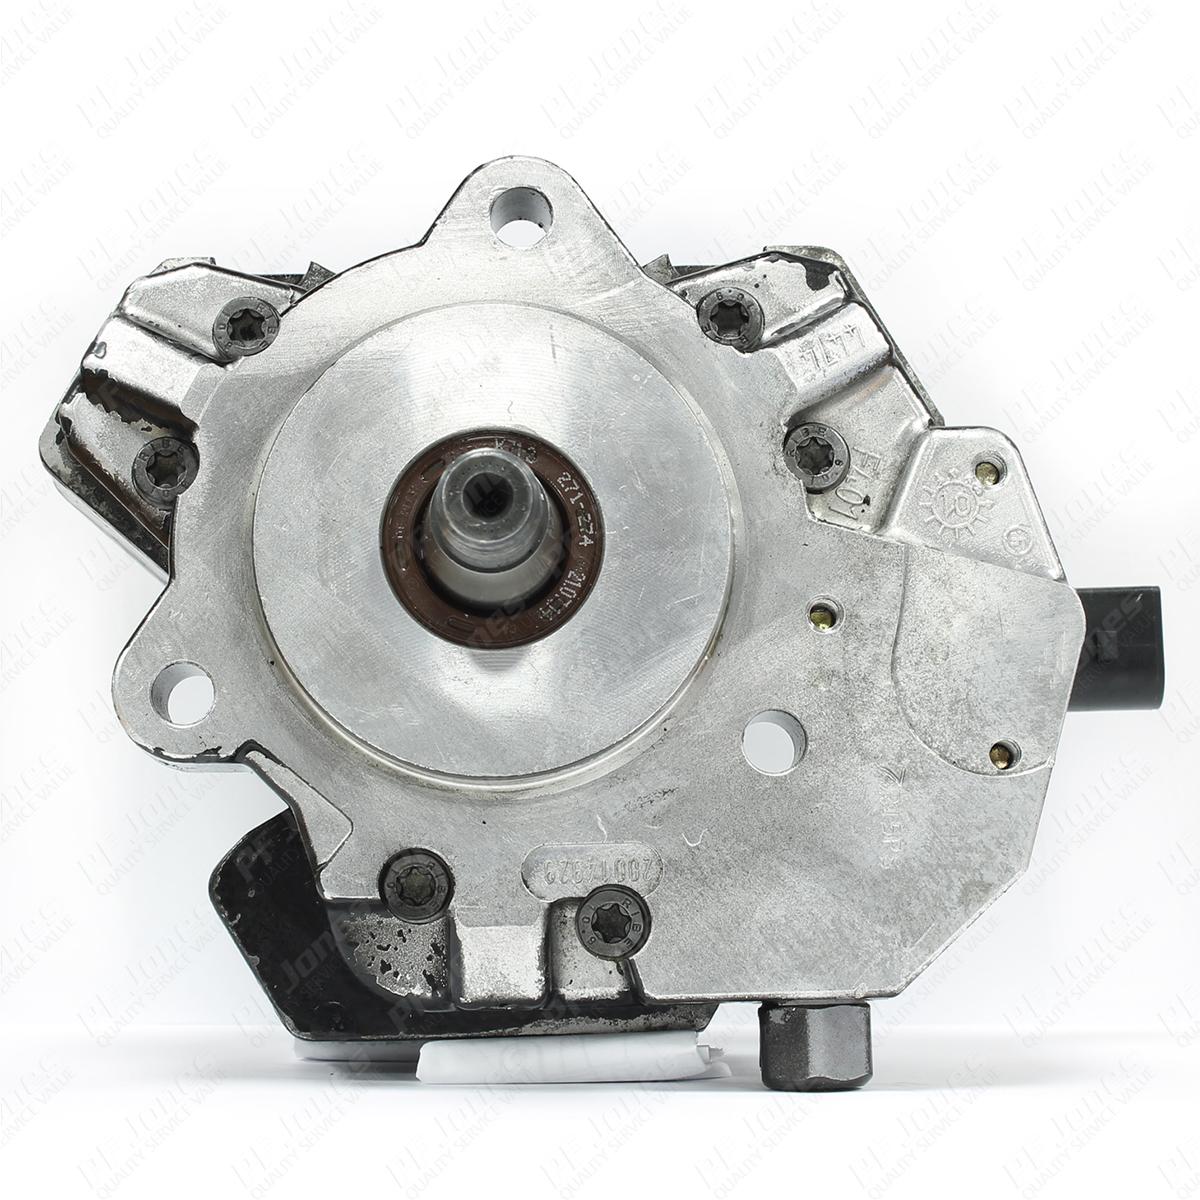 0445010146 - Bosch Diesel Pump